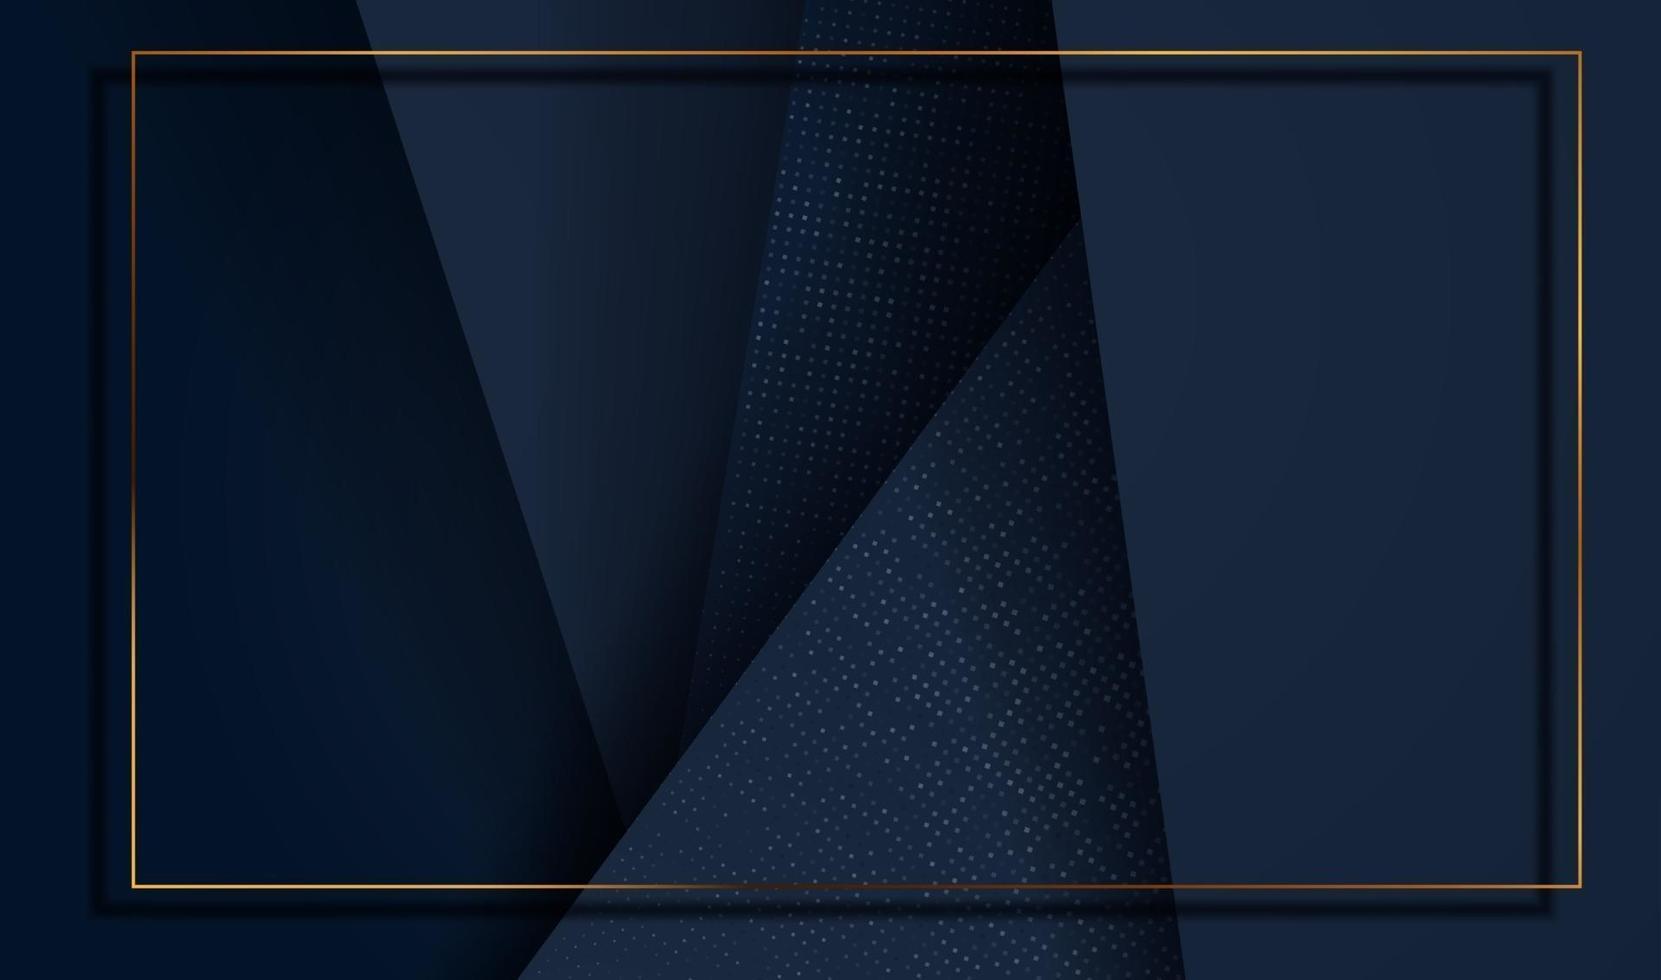 papier gesneden luxe gouden achtergrond met metalen textuur 3d abstract, voor cadeaubon, poster op muur poster sjabloon, bestemmingspagina, ui, ux, omslagboek, banner, vector